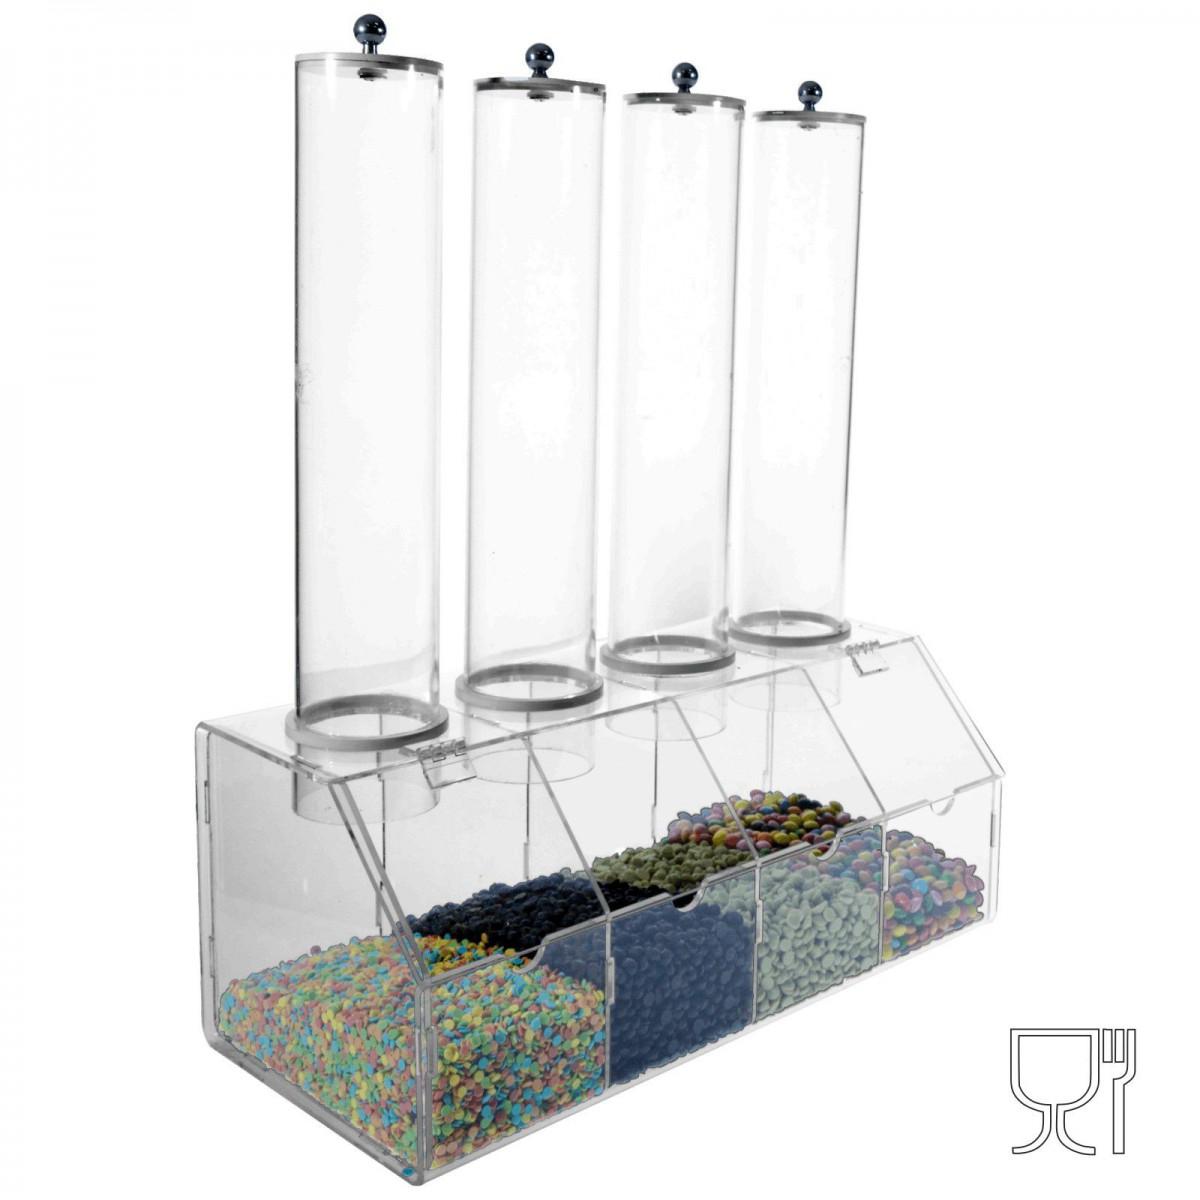 E-317 EPG - Porta graniglie in plexiglass trasparente con 4 contenitori a tubo trasparenti - Misure totale 38x16x H46 cm